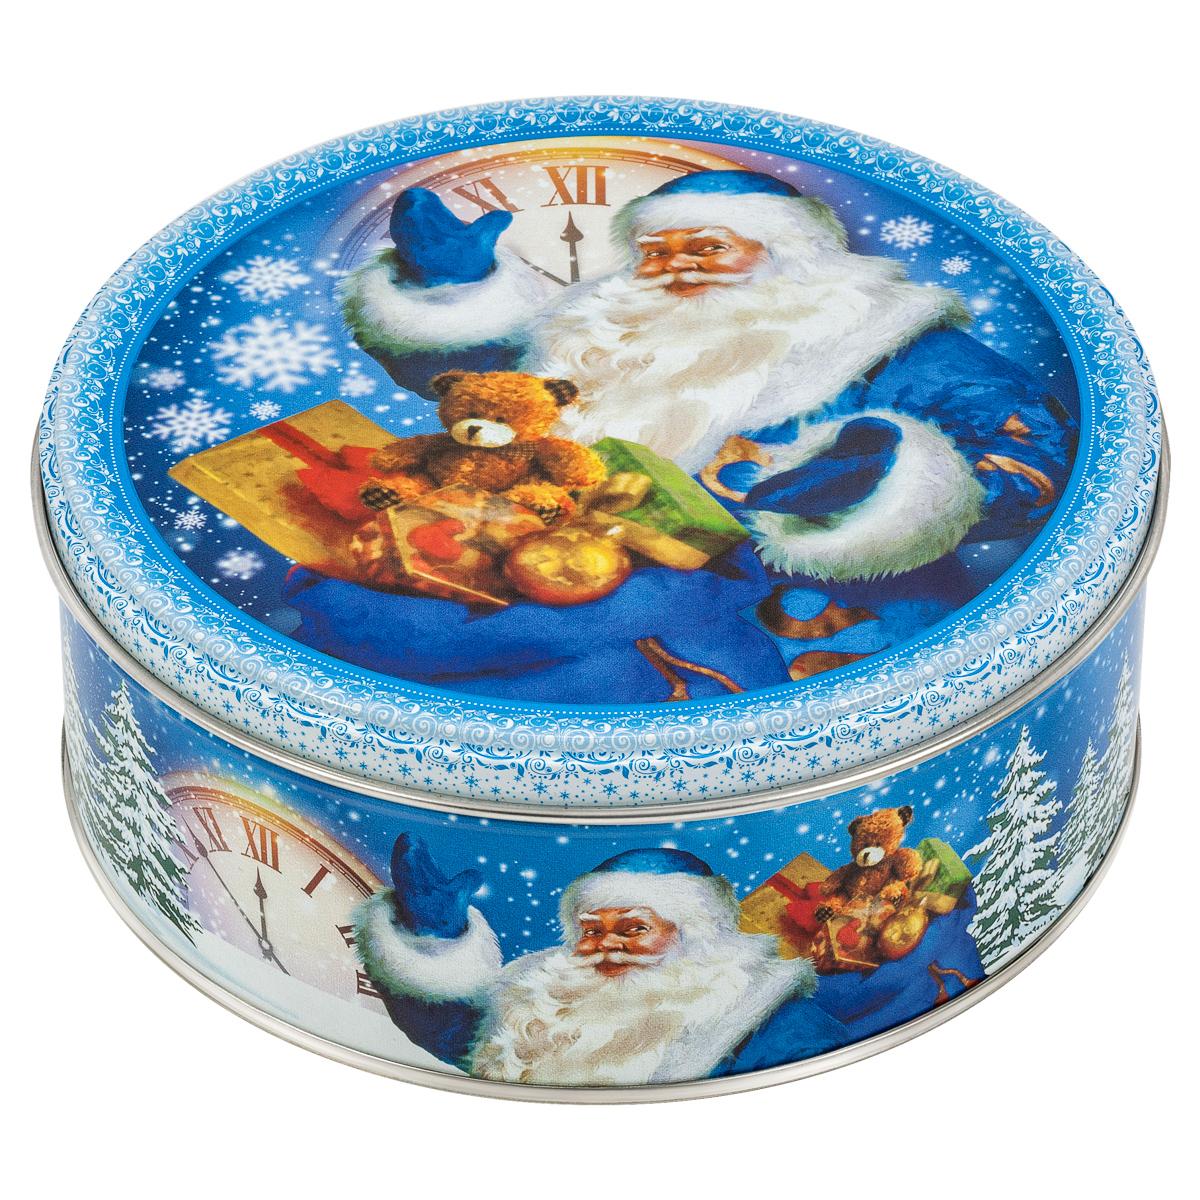 Сладкая Сказка Печенье в подарочной новогодней синей банке, 150 г сладкая сказка печенье зимний вечер 400 г